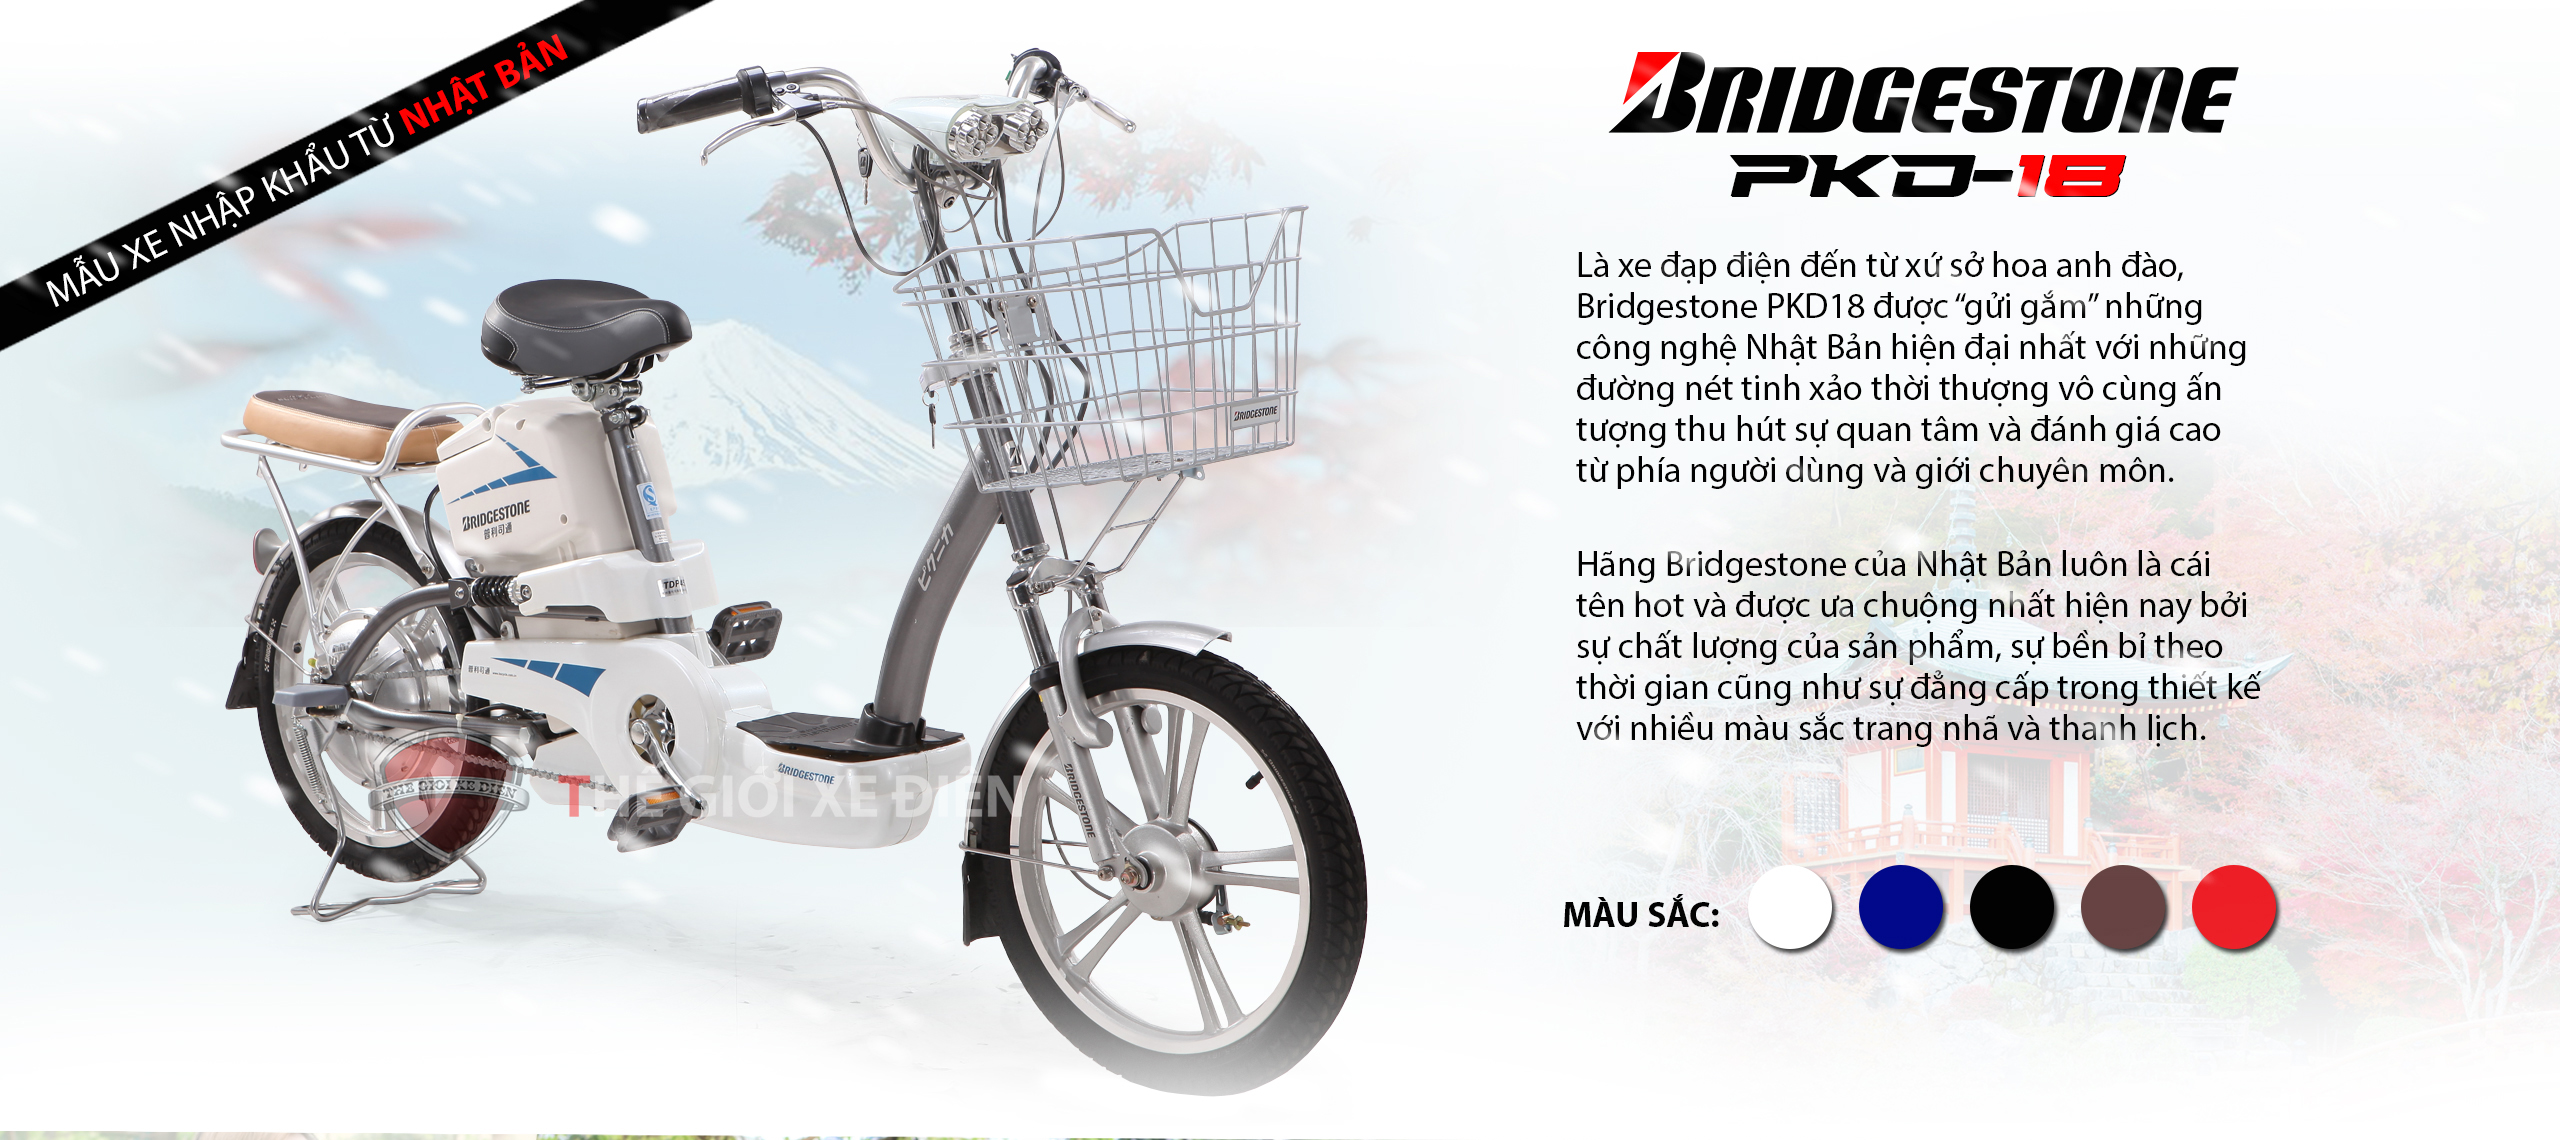 Xe đạp điện Bridgestone PKD18 – công nghệ mới tới từ Nhật Bản